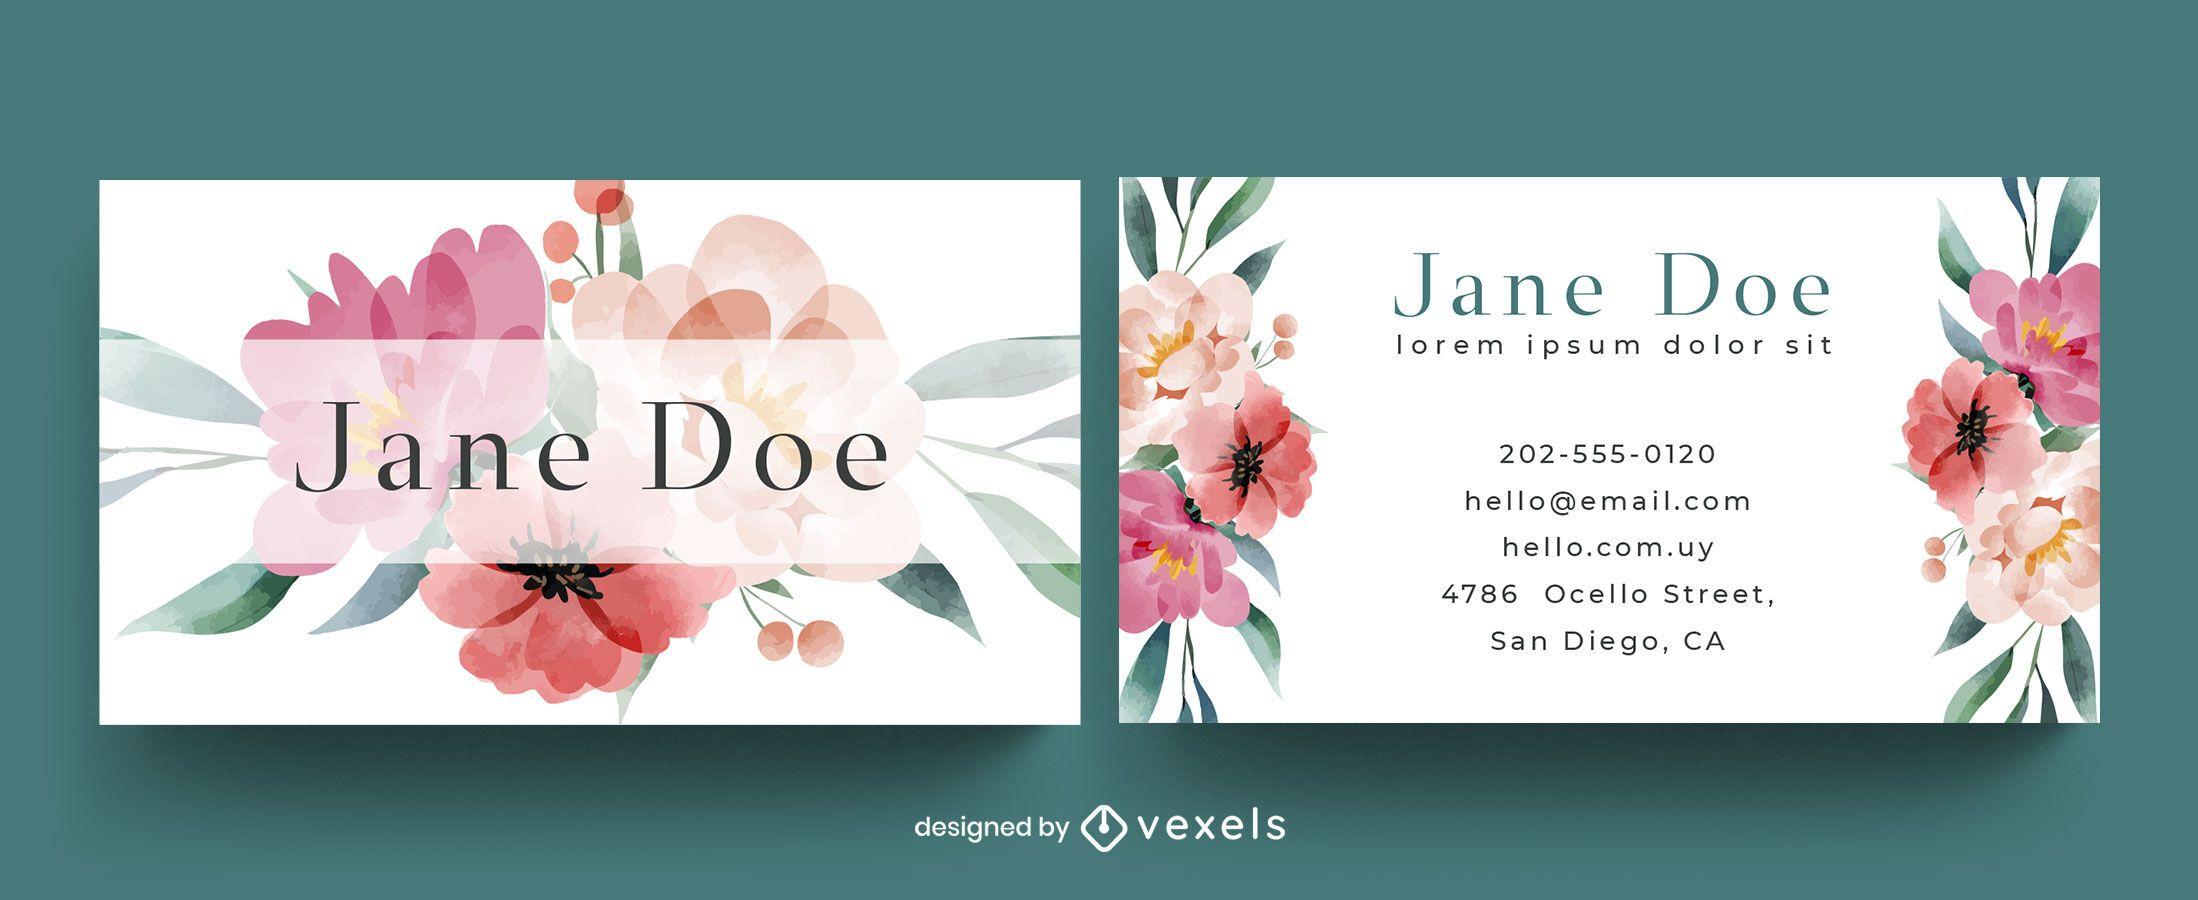 Visitenkartenvorlage mit Blumenaquarell